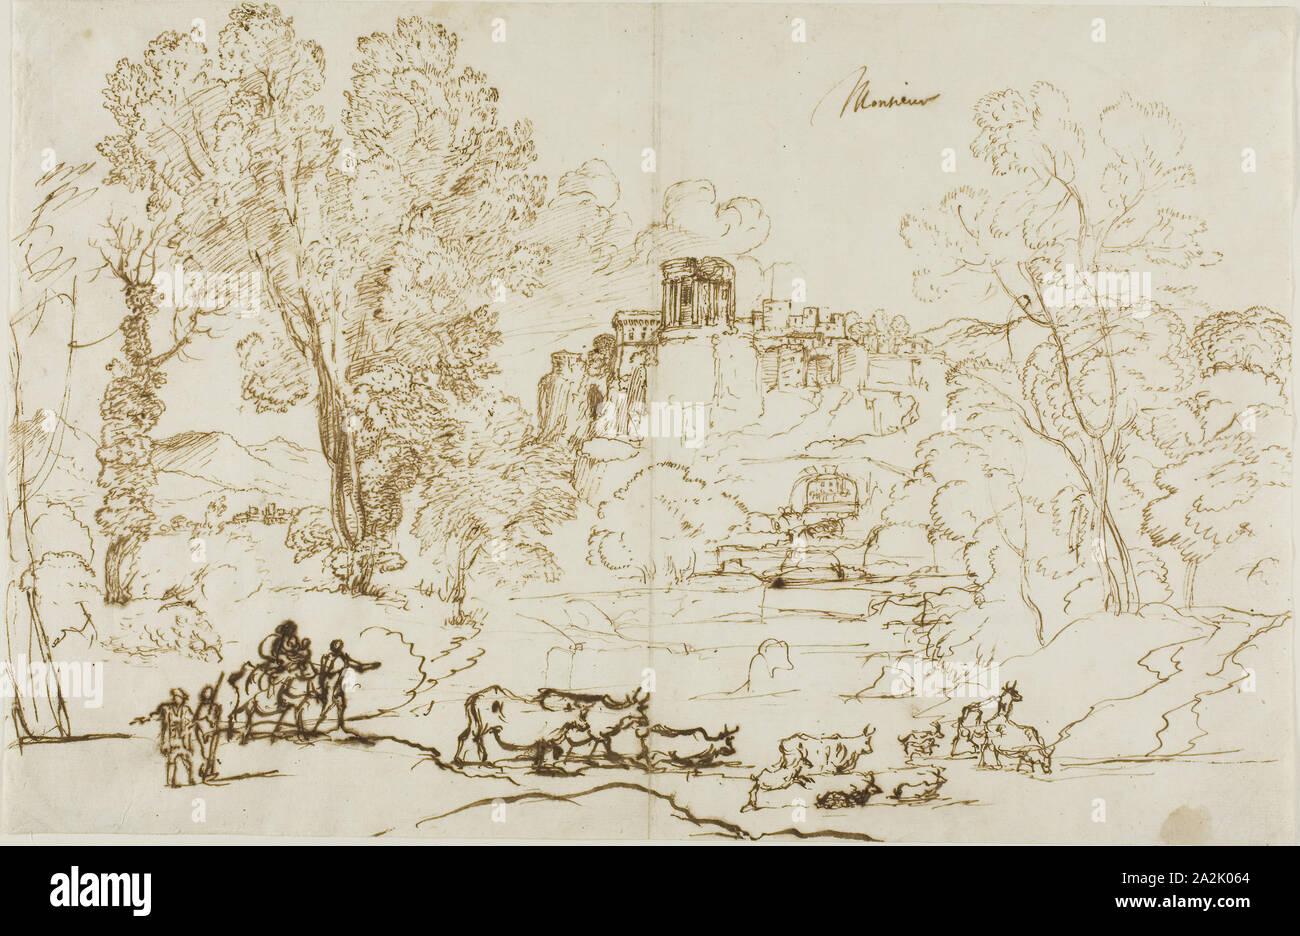 Paesaggio classico, Tivoli, 1636, Claude Lorrain, Francese, 1600-1682, Francia, penna e inchiostro su carta, 248 x 278 mm Foto Stock